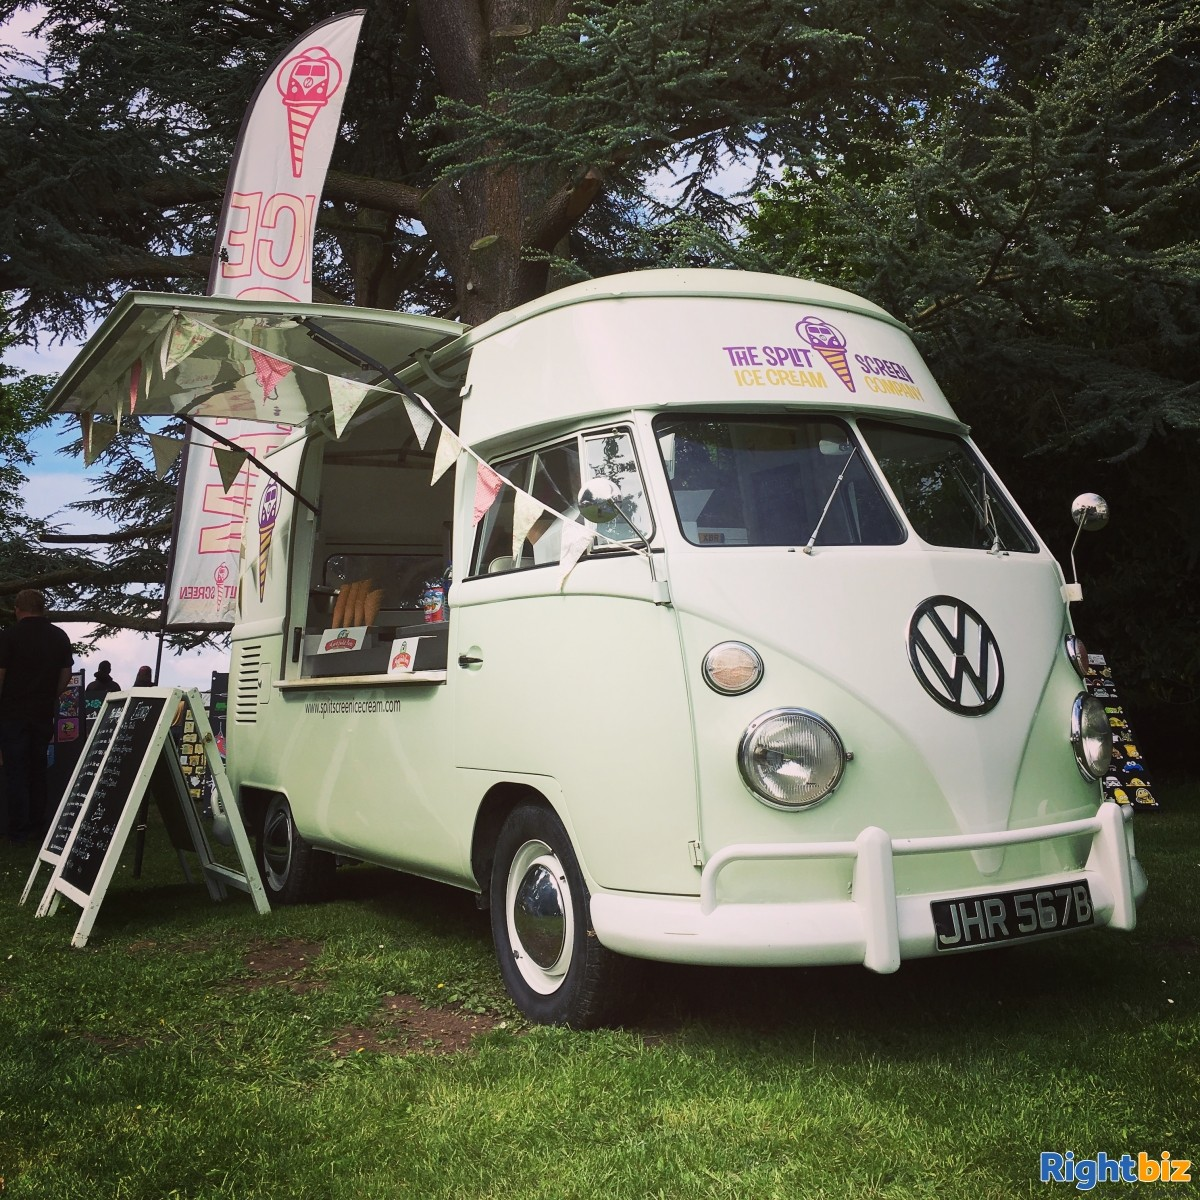 Vintage VW Ice Cream Van business x 3 units - The Split Screen Ice Cream Co. - Image 2